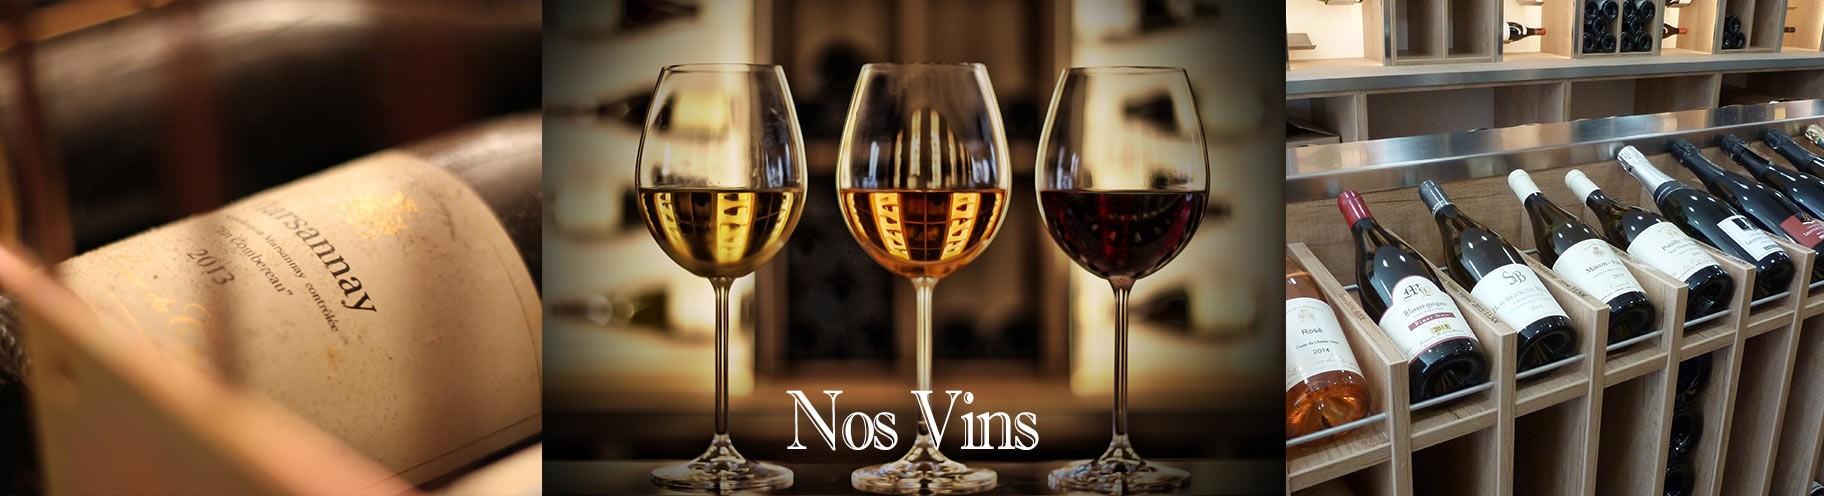 Les vins de Bourgogne de La Cave du Chaignot